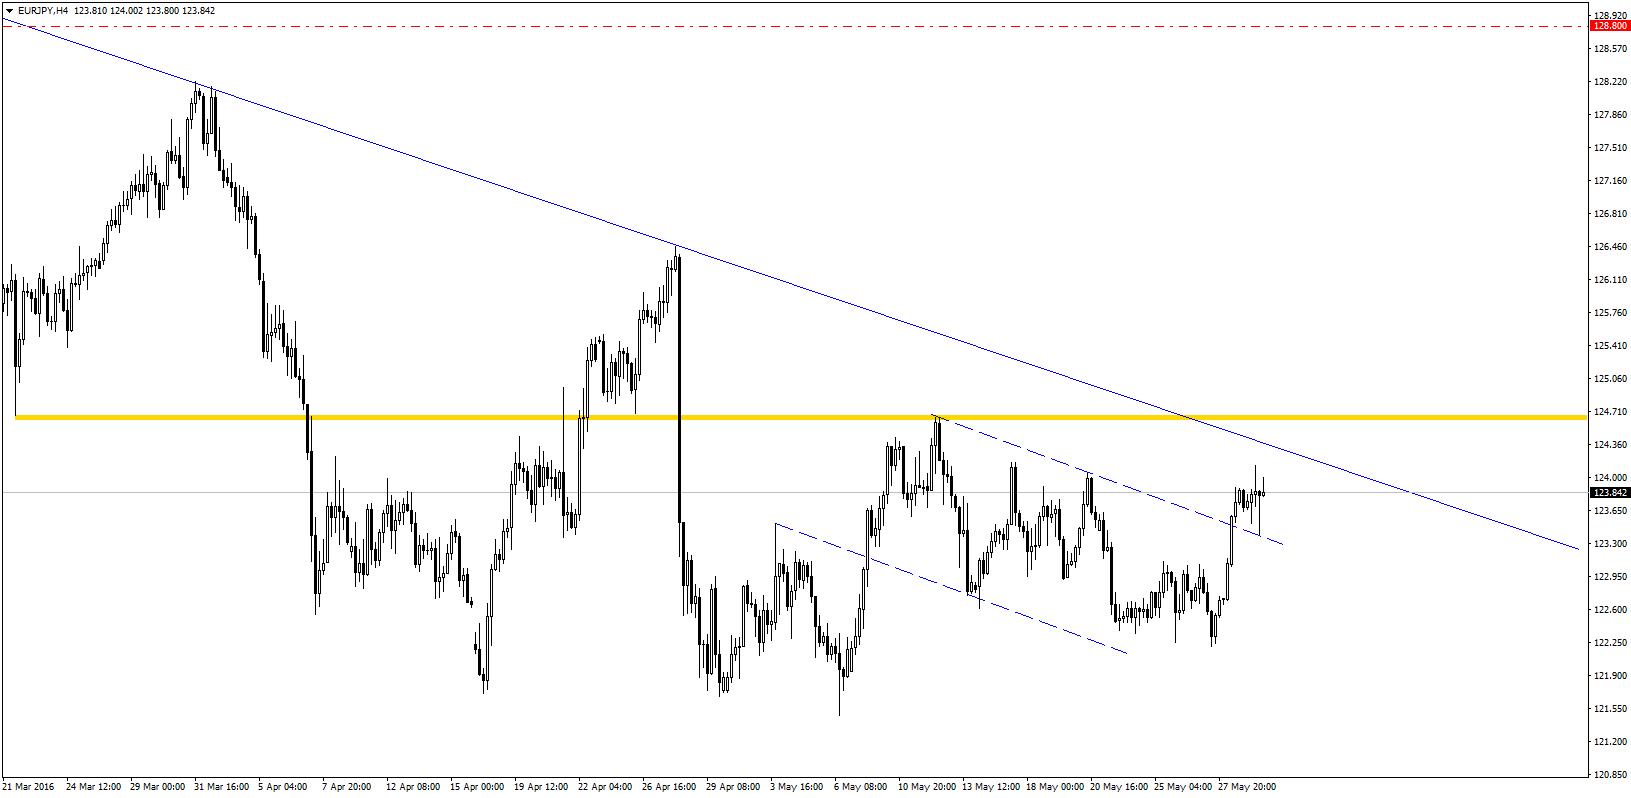 EUR/JPY wybiło górą lokalny kanał spadkowy i obecnie zmierza w stronę długoterminowej linii trendu spadkowego.